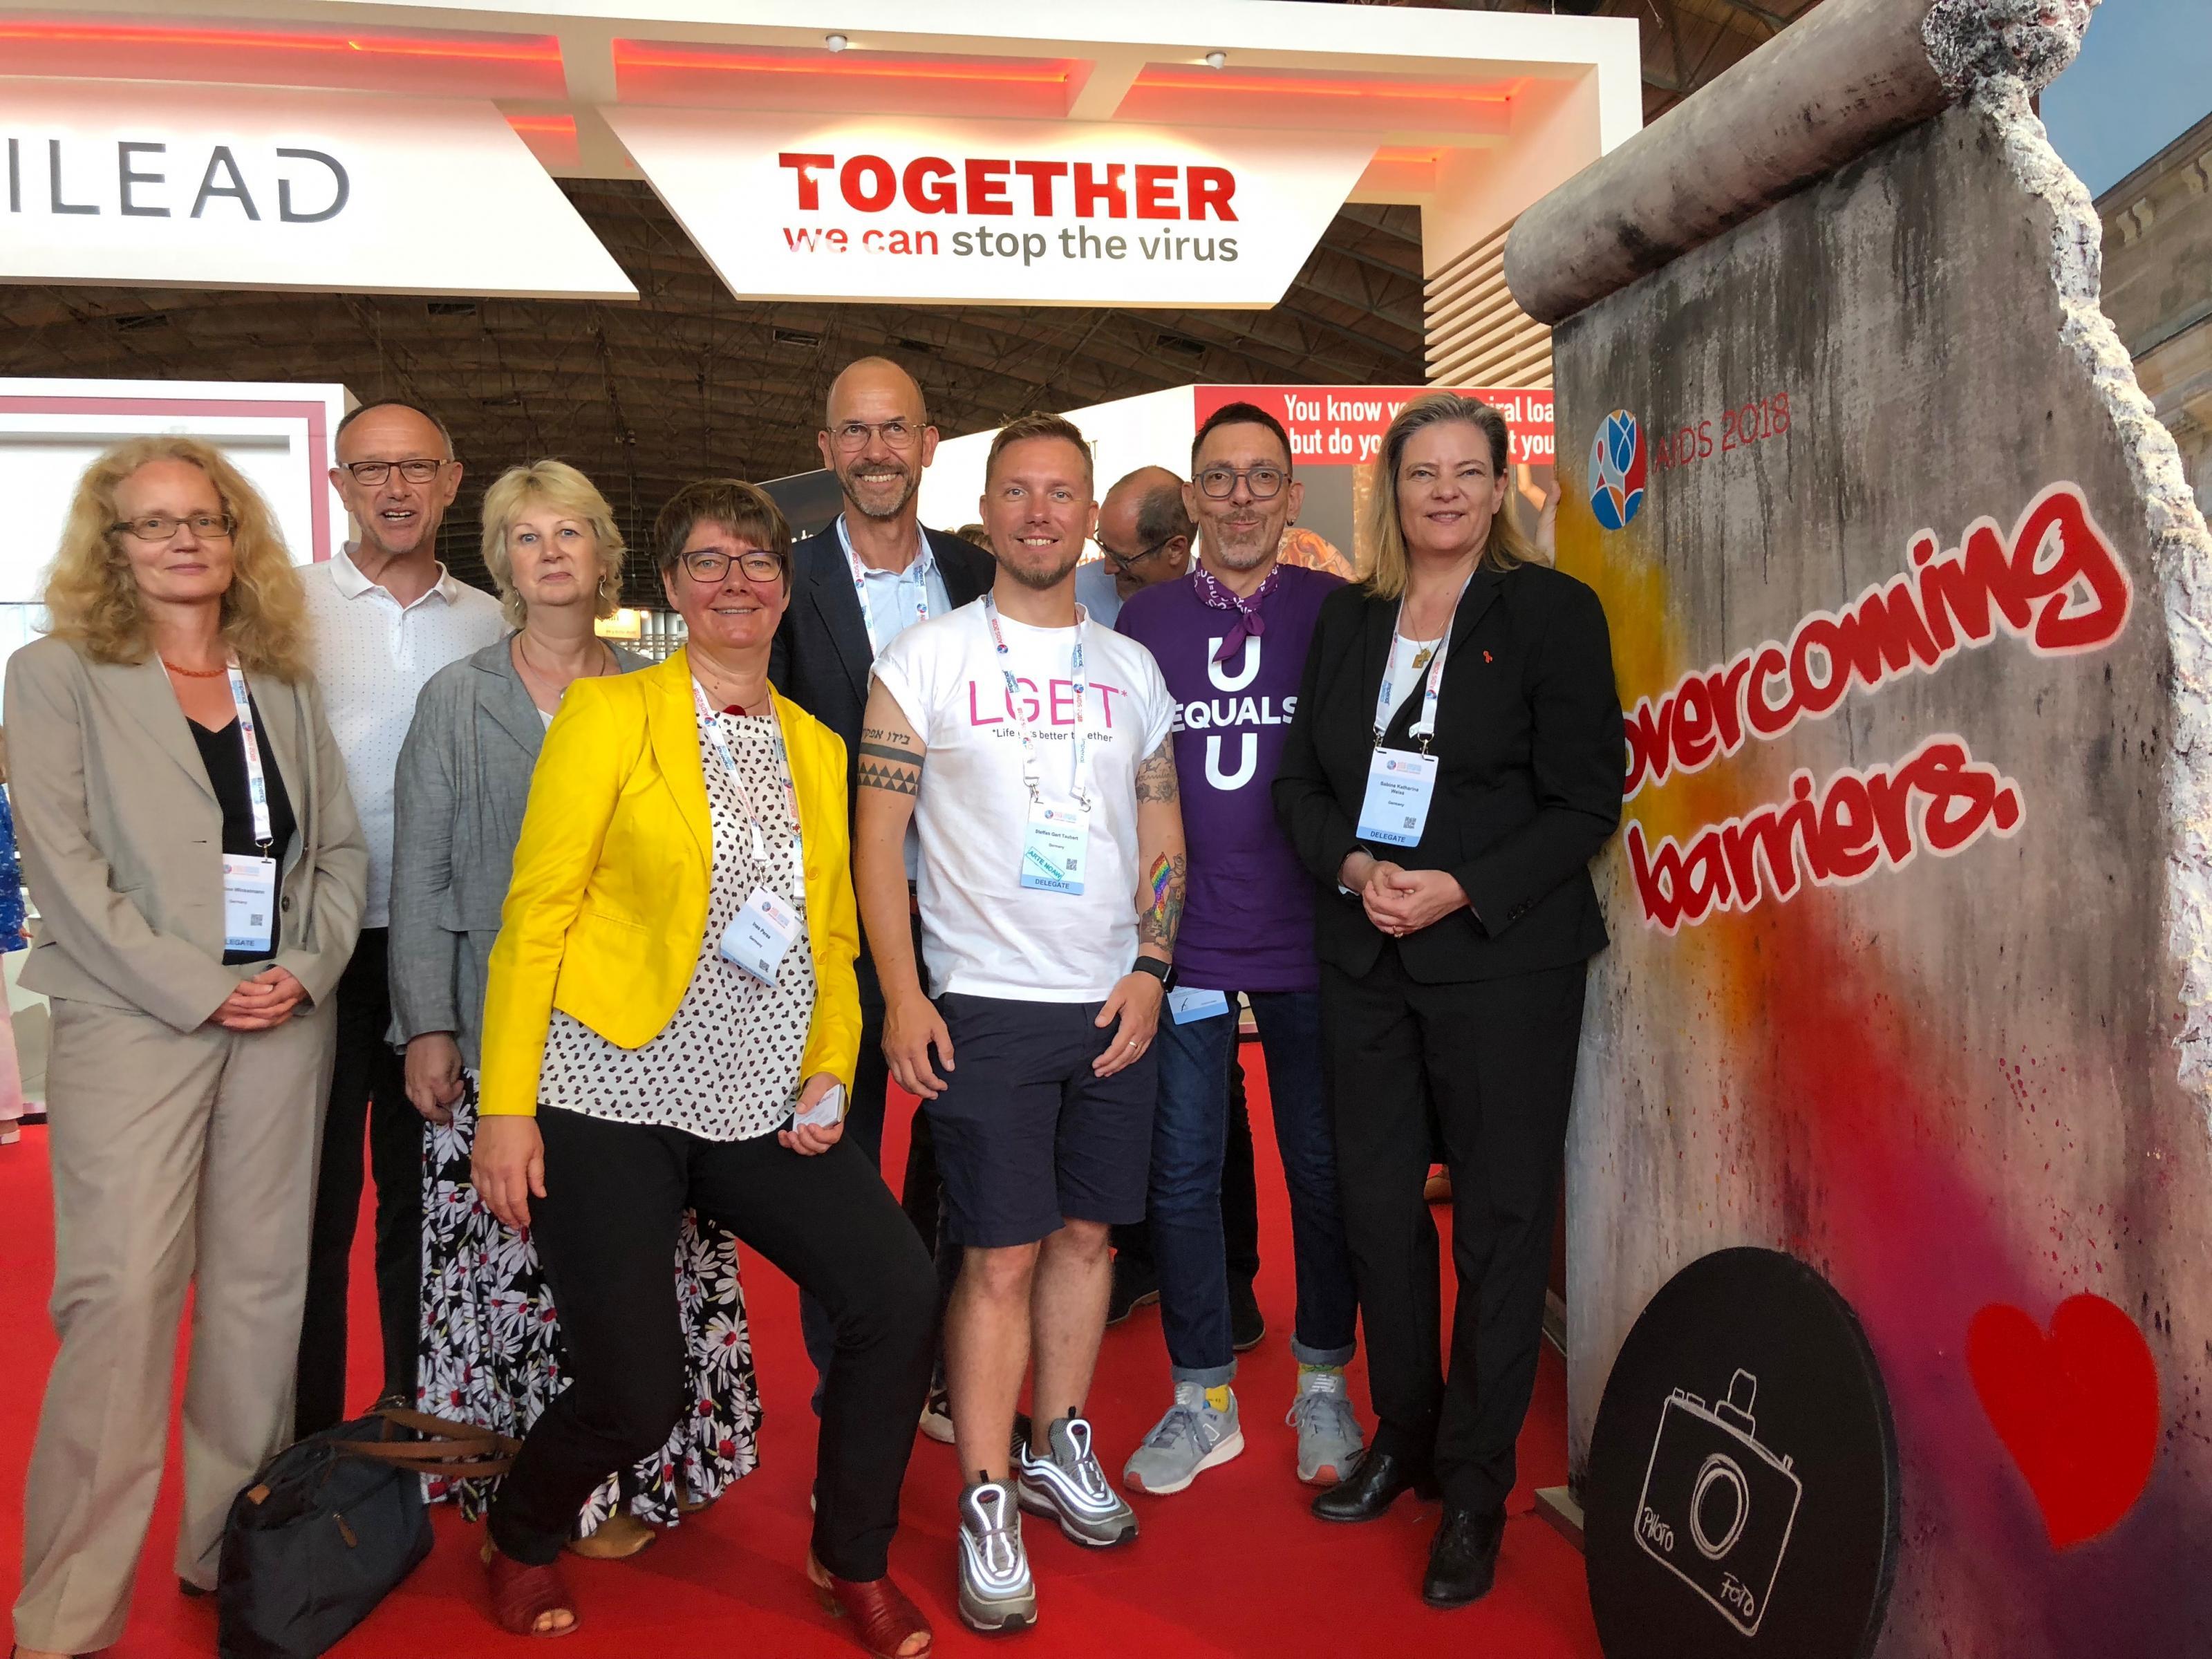 Meet and greet am Deutschen Stand bei der Welt-Aids-Konferenz in Amsterdam 2018